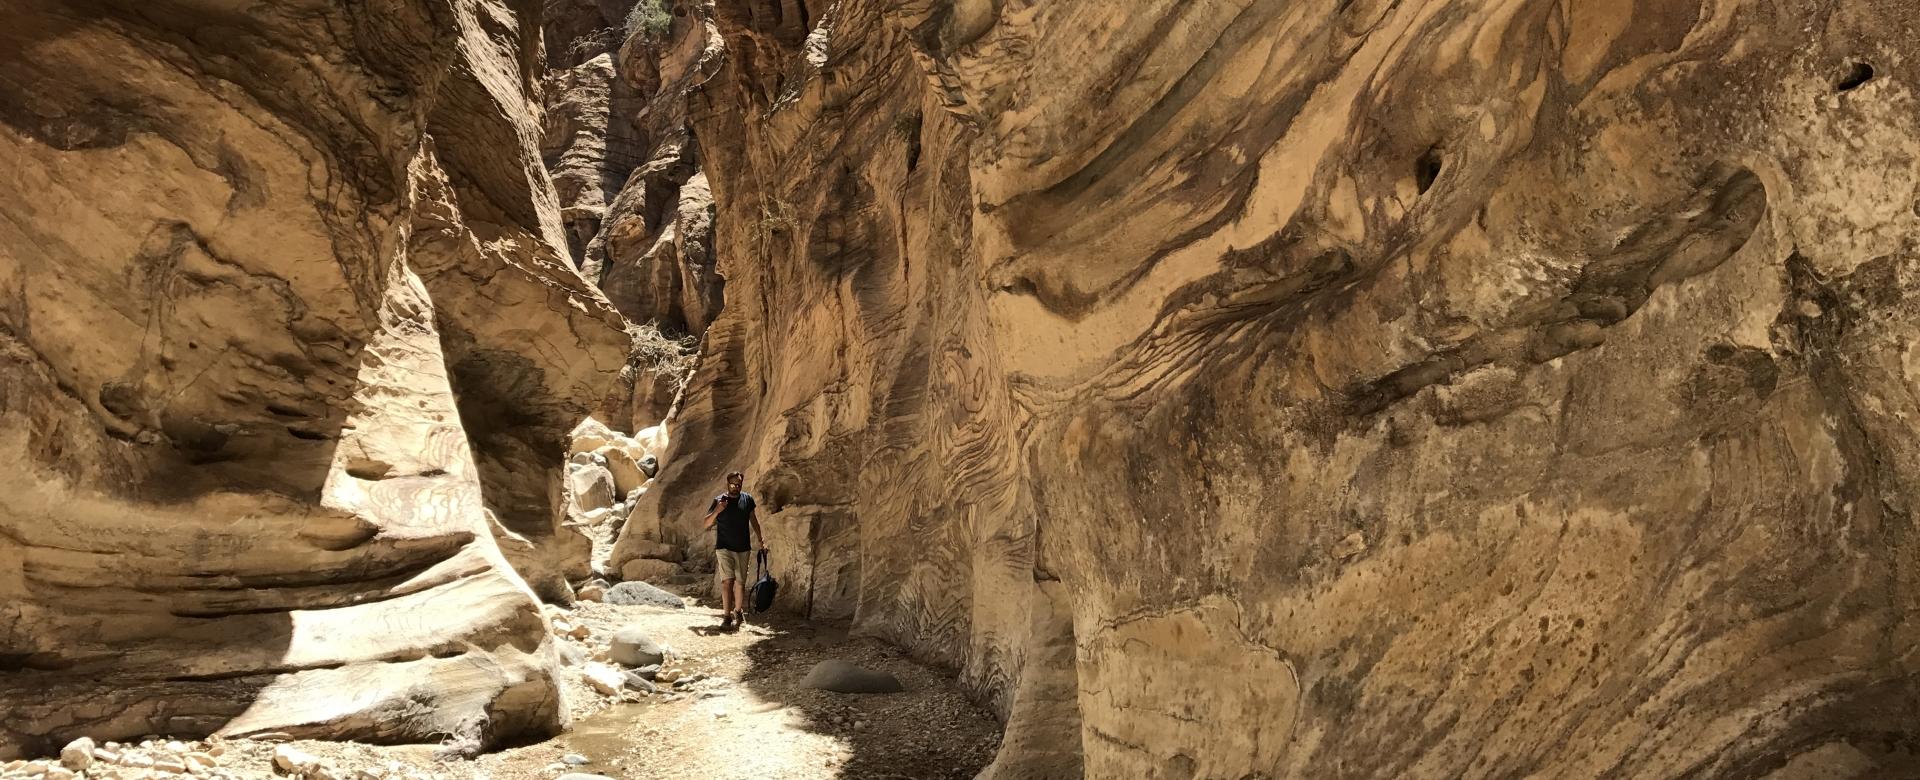 Voyage à pied : Canyons verdoyants, cité rose et voûte céleste